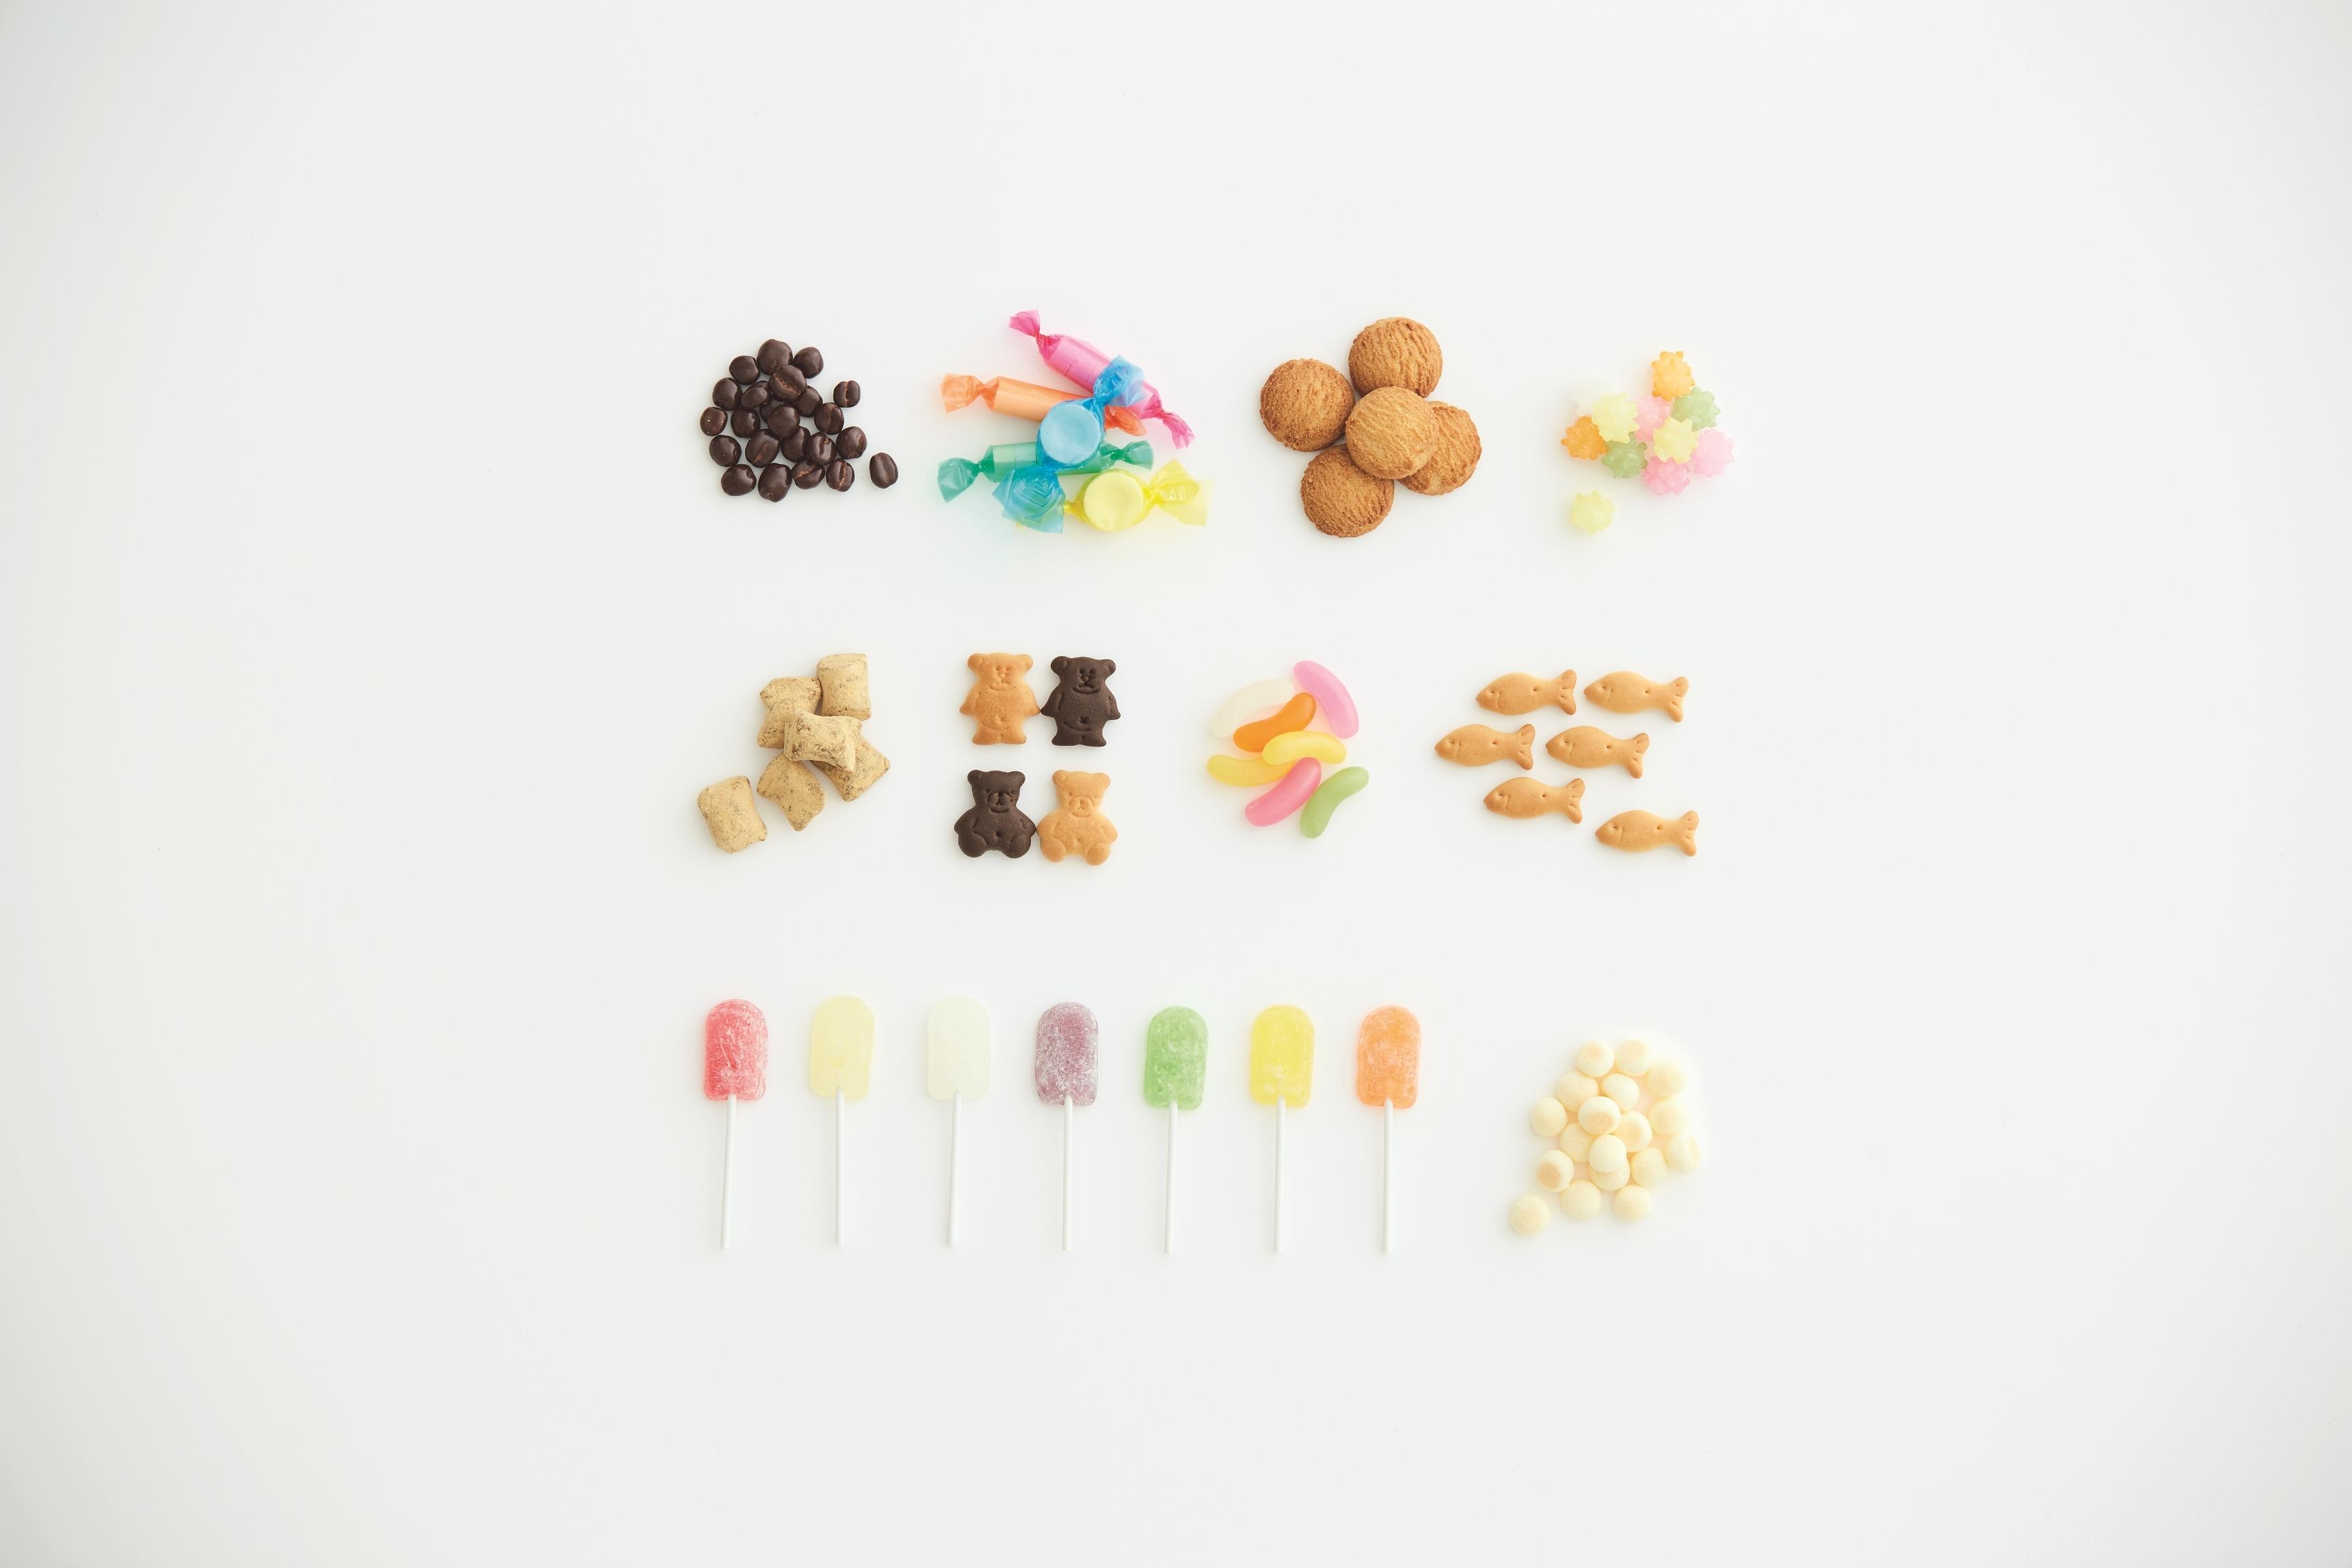 無印良品の「ぽち菓子」シリーズ